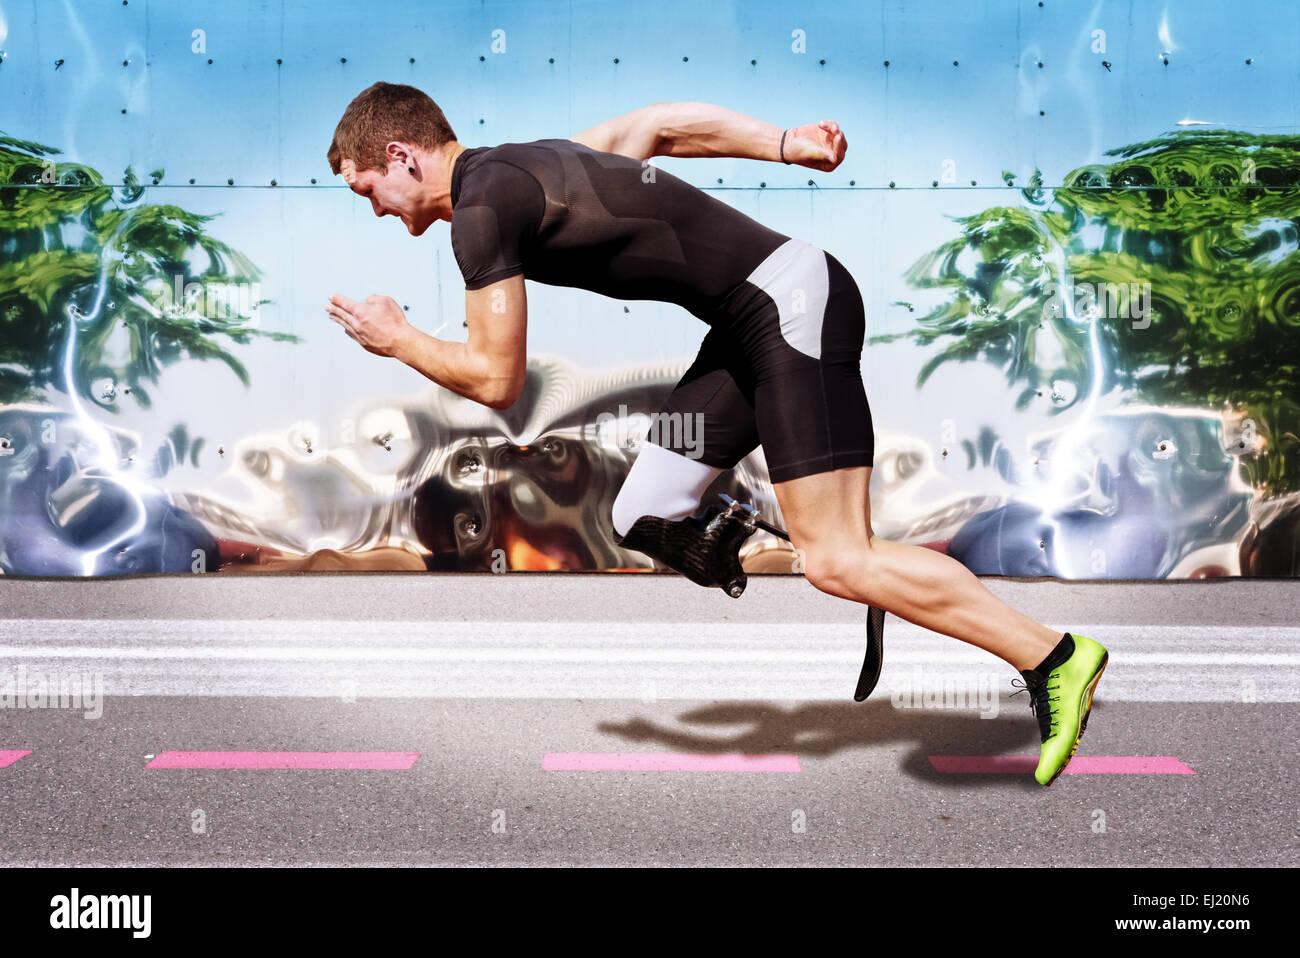 Athlète masculin de sprint explosif sur la surface de la route avec une forte base métal réfléchissant. Photo Stock